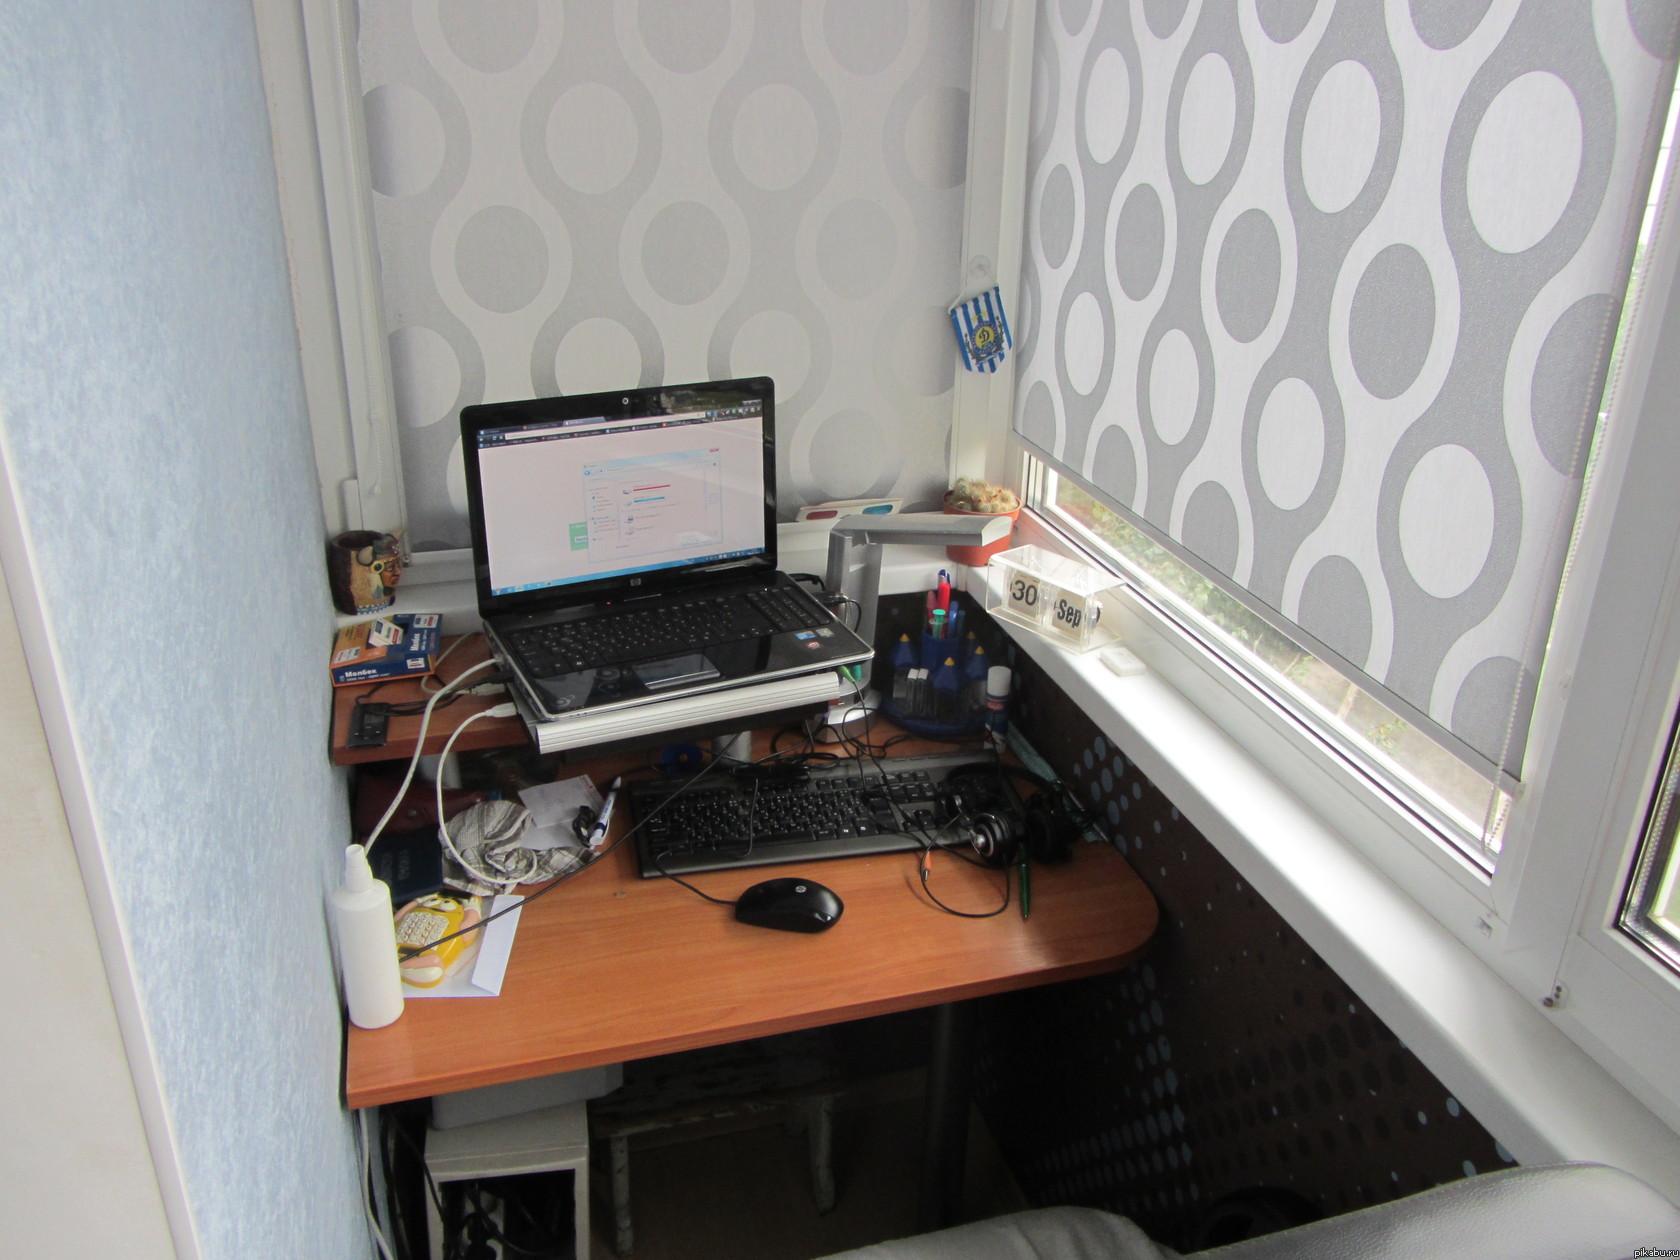 А вот мой балкон (конечно не такой крутой как http://pikabu..